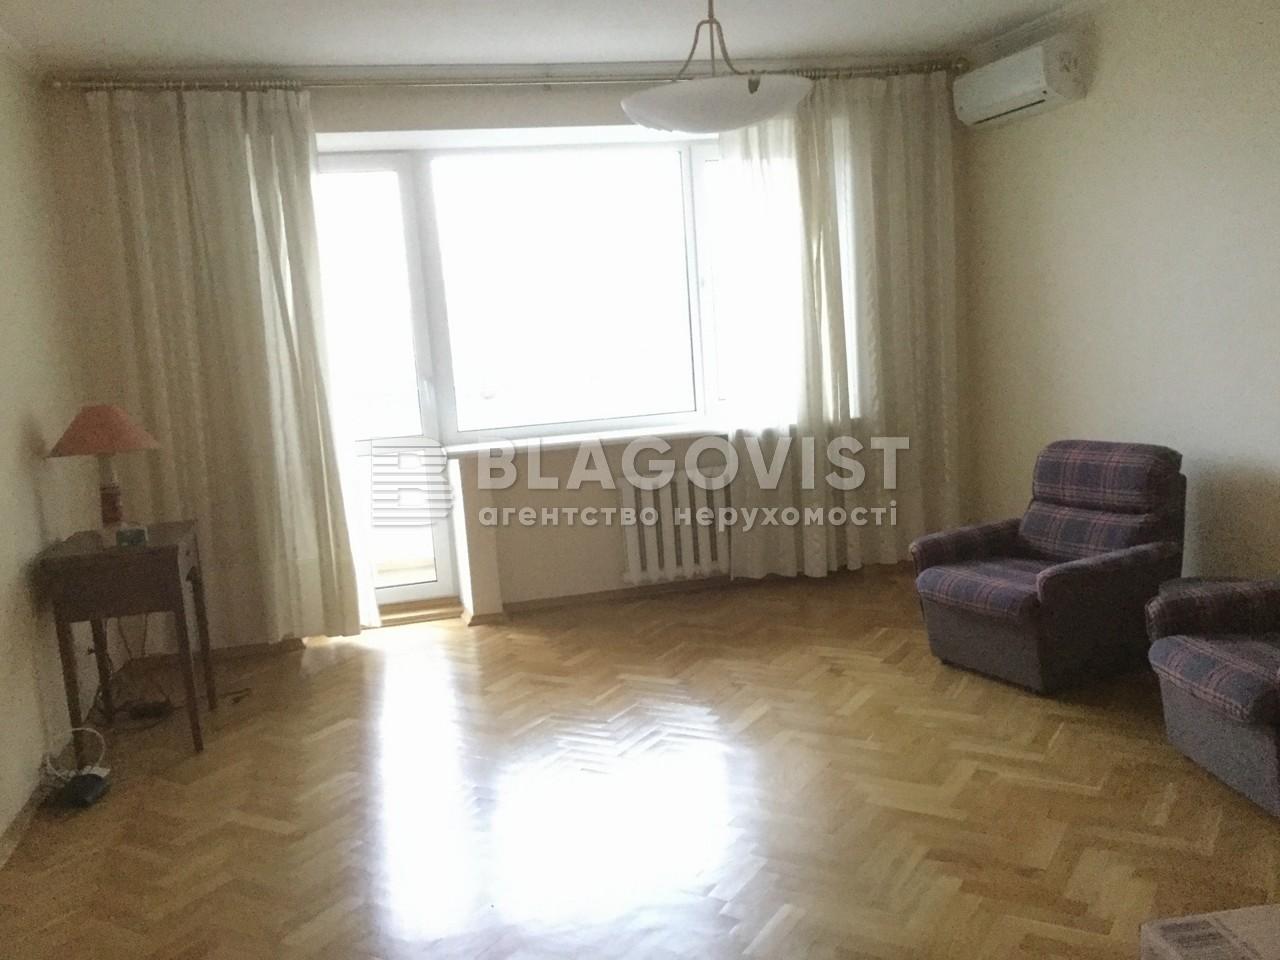 Квартира F-39246, Гончара Олеся, 62, Киев - Фото 5